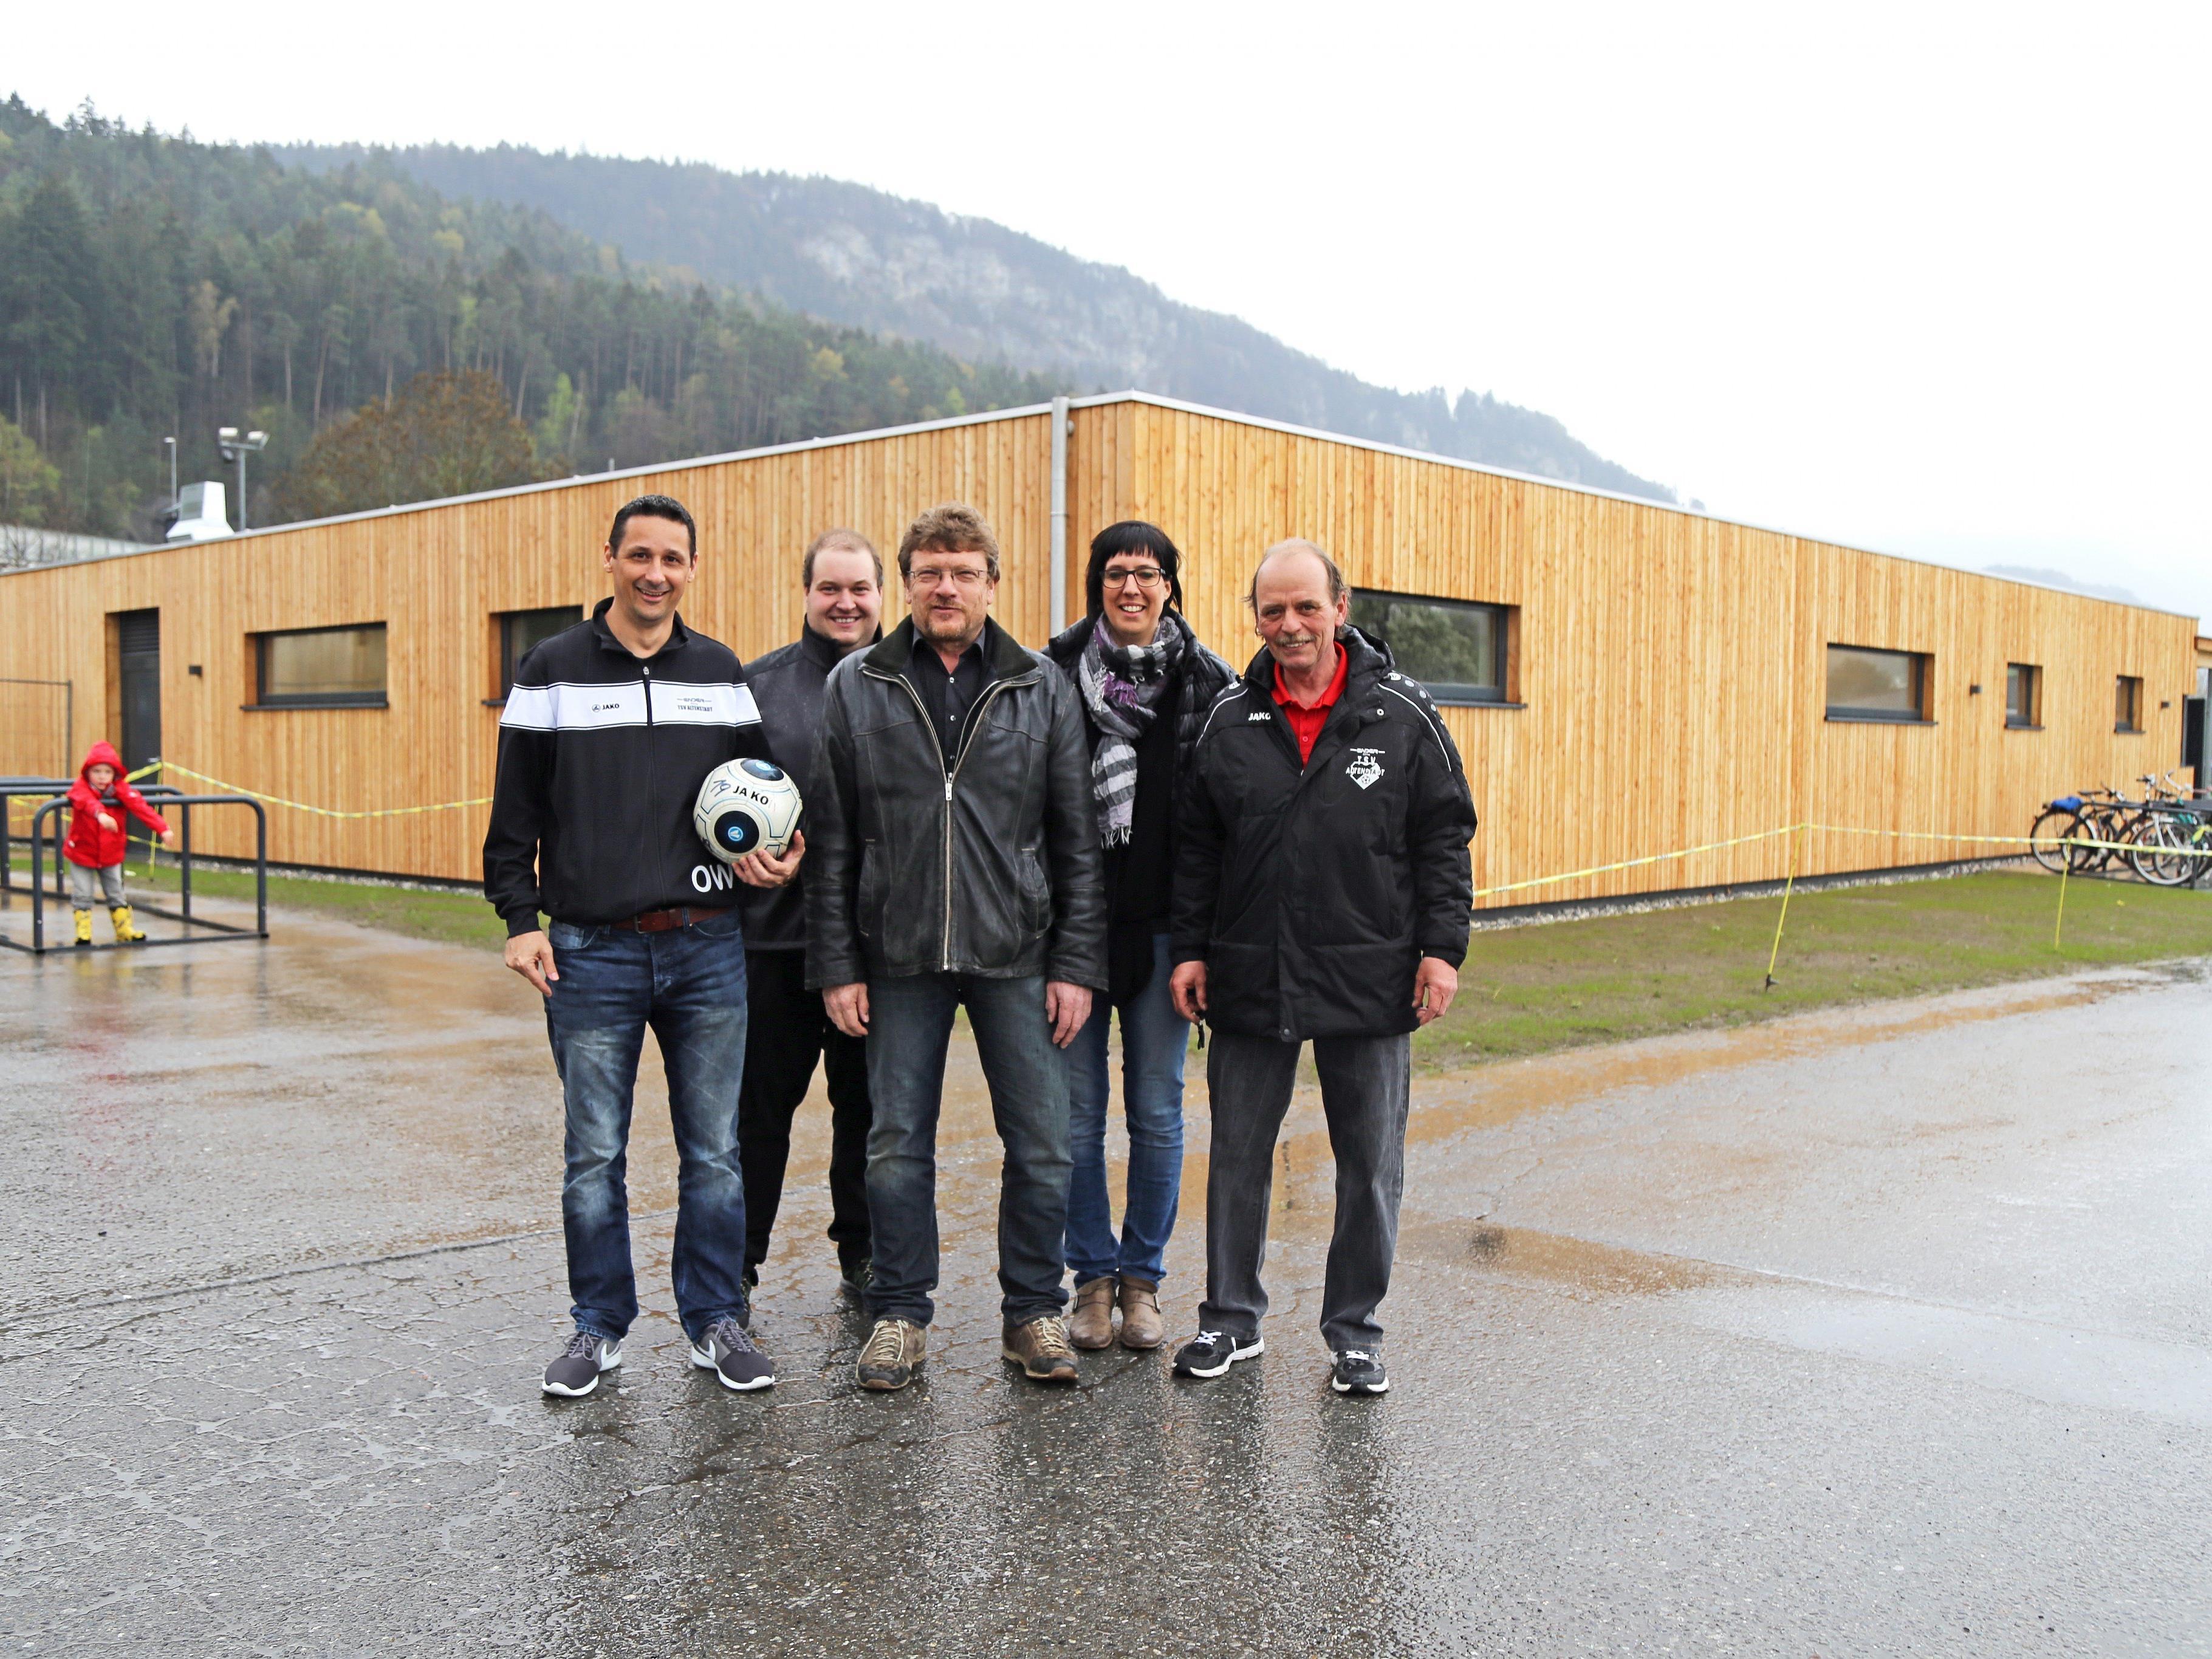 Der Vorstand des TSV Altenstadt mit Obmann Wolfgang Oswald (l.) vor dem neuen Kabinentrakt.